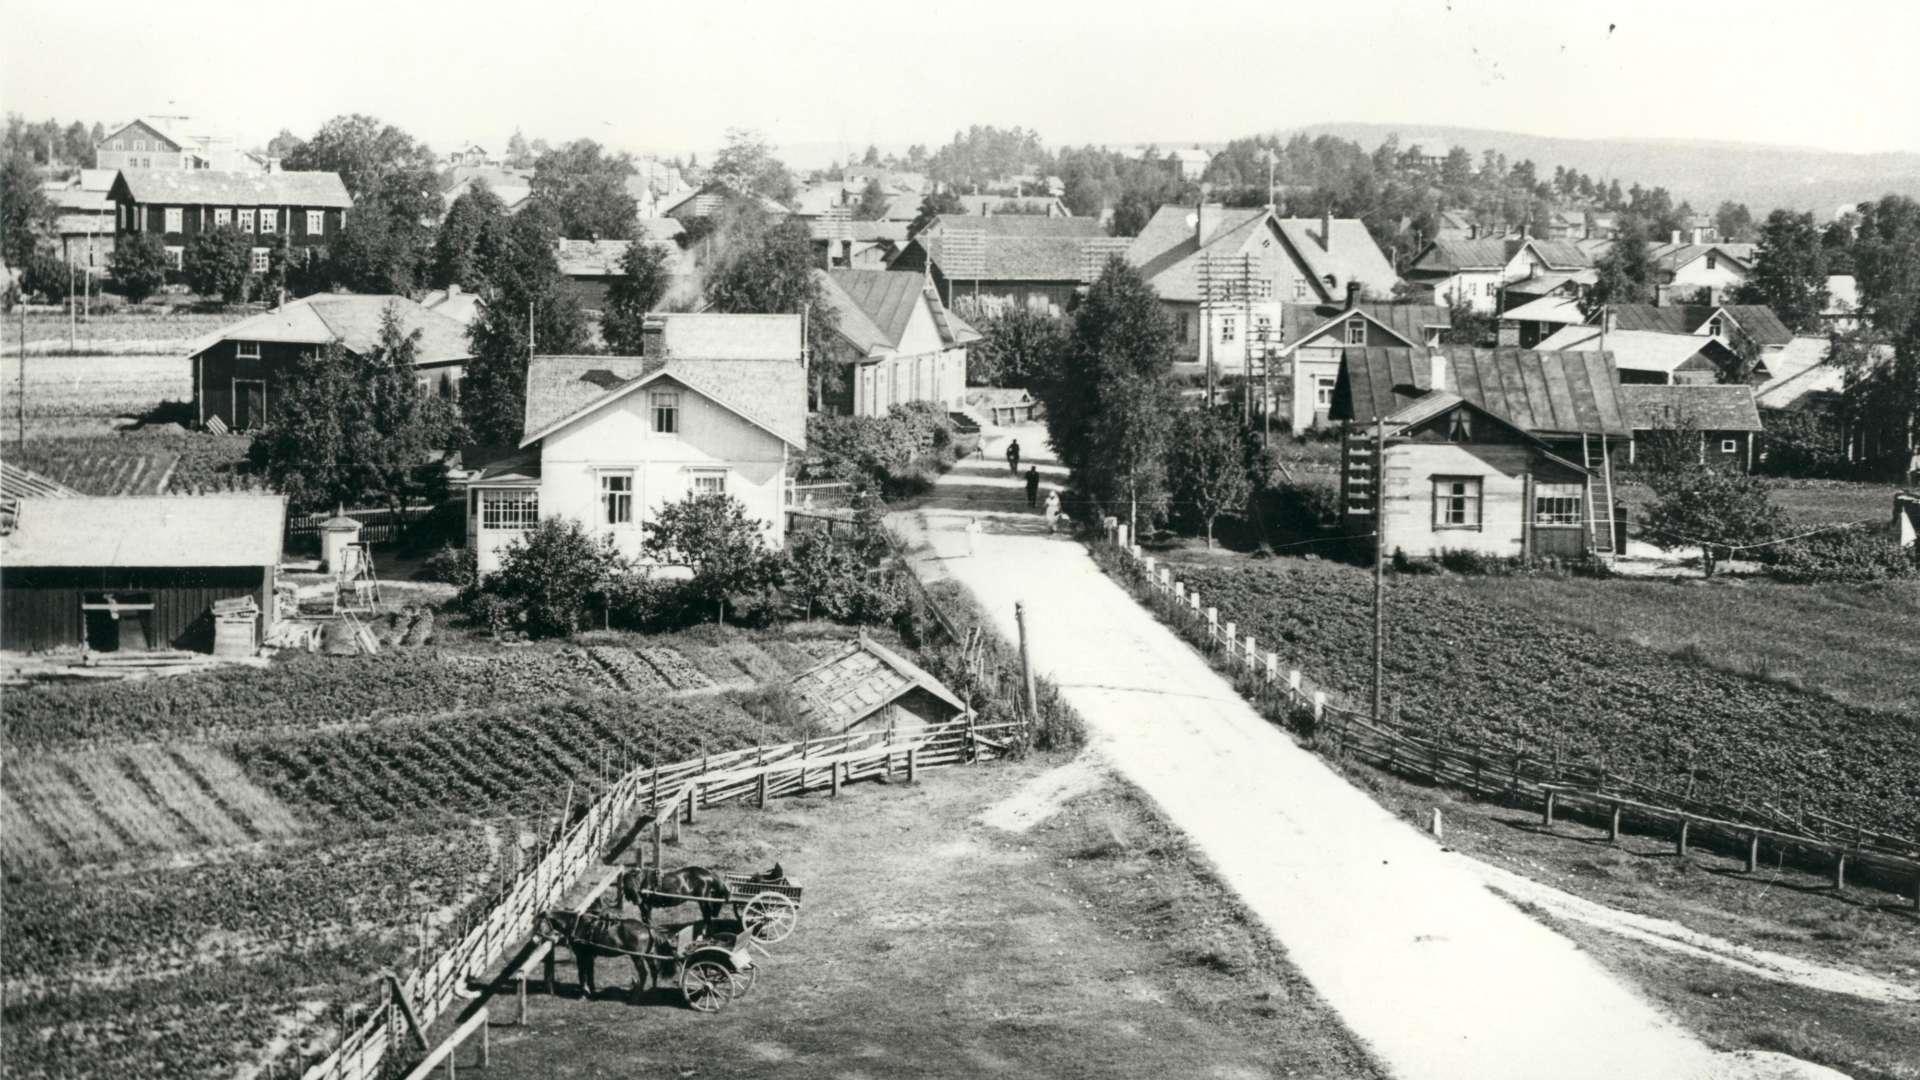 Oriveden kirkonkylää arviolta 1900-luvun alusta.